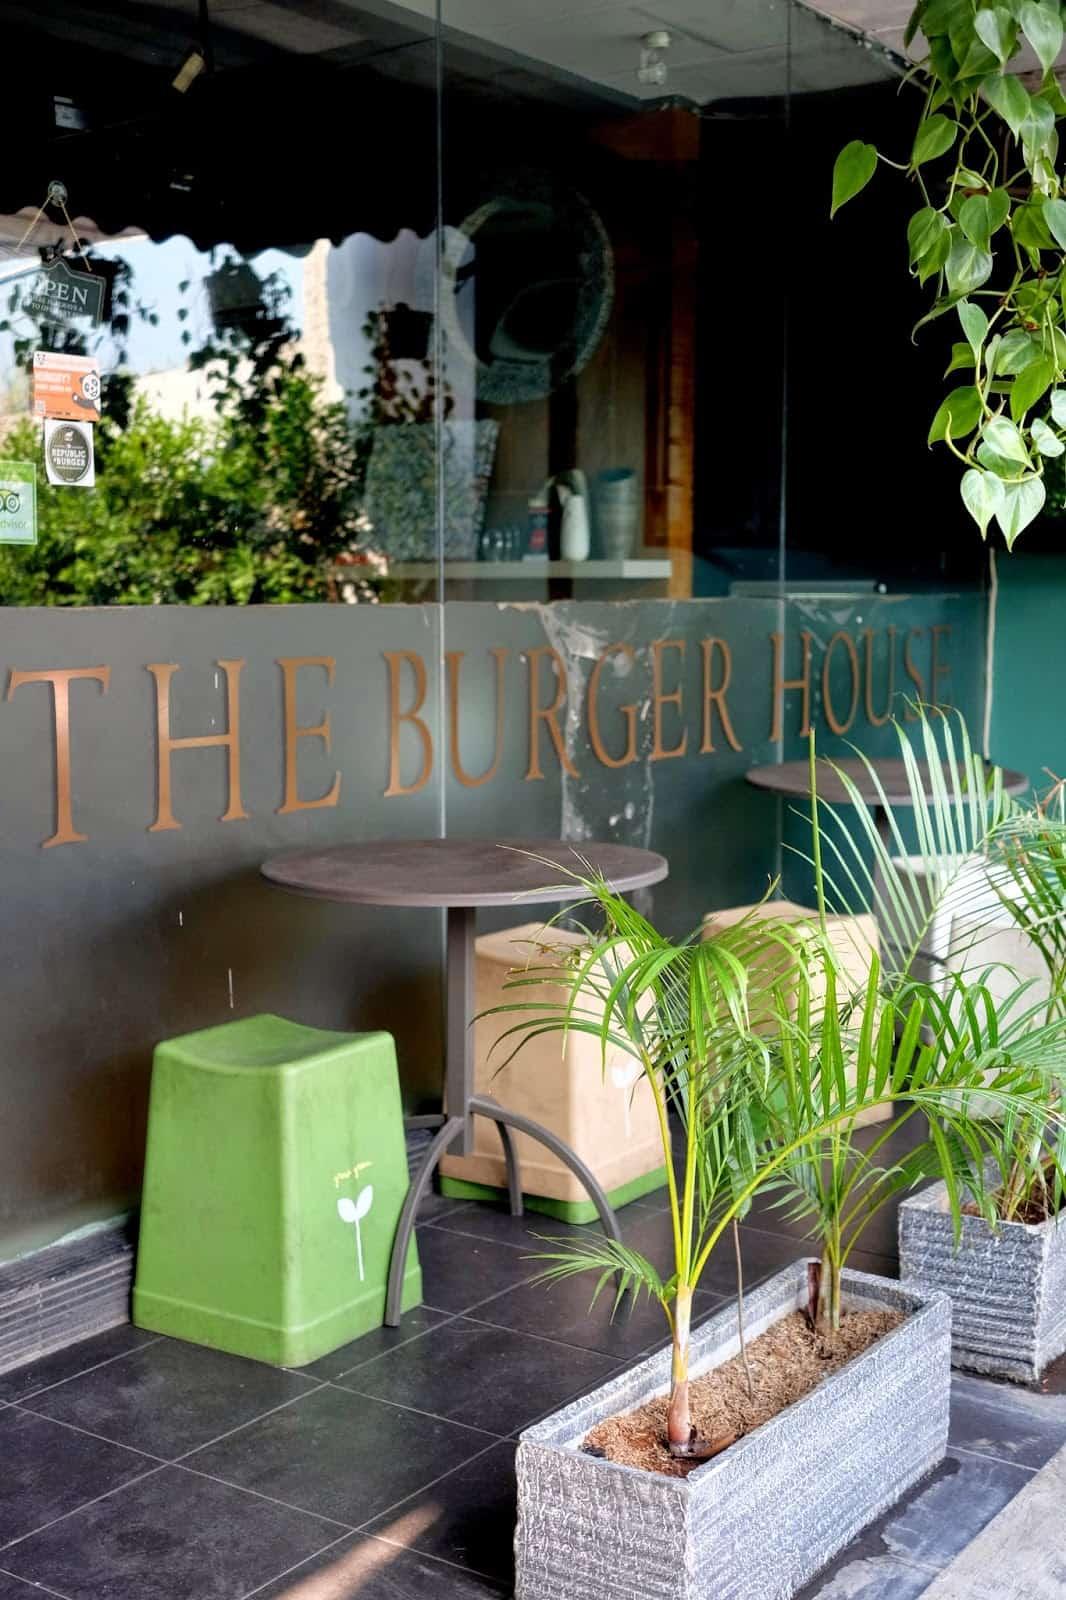 The Republic of Burger Tempat Untuk Menikmati Burger dengan Suasana Ngerock